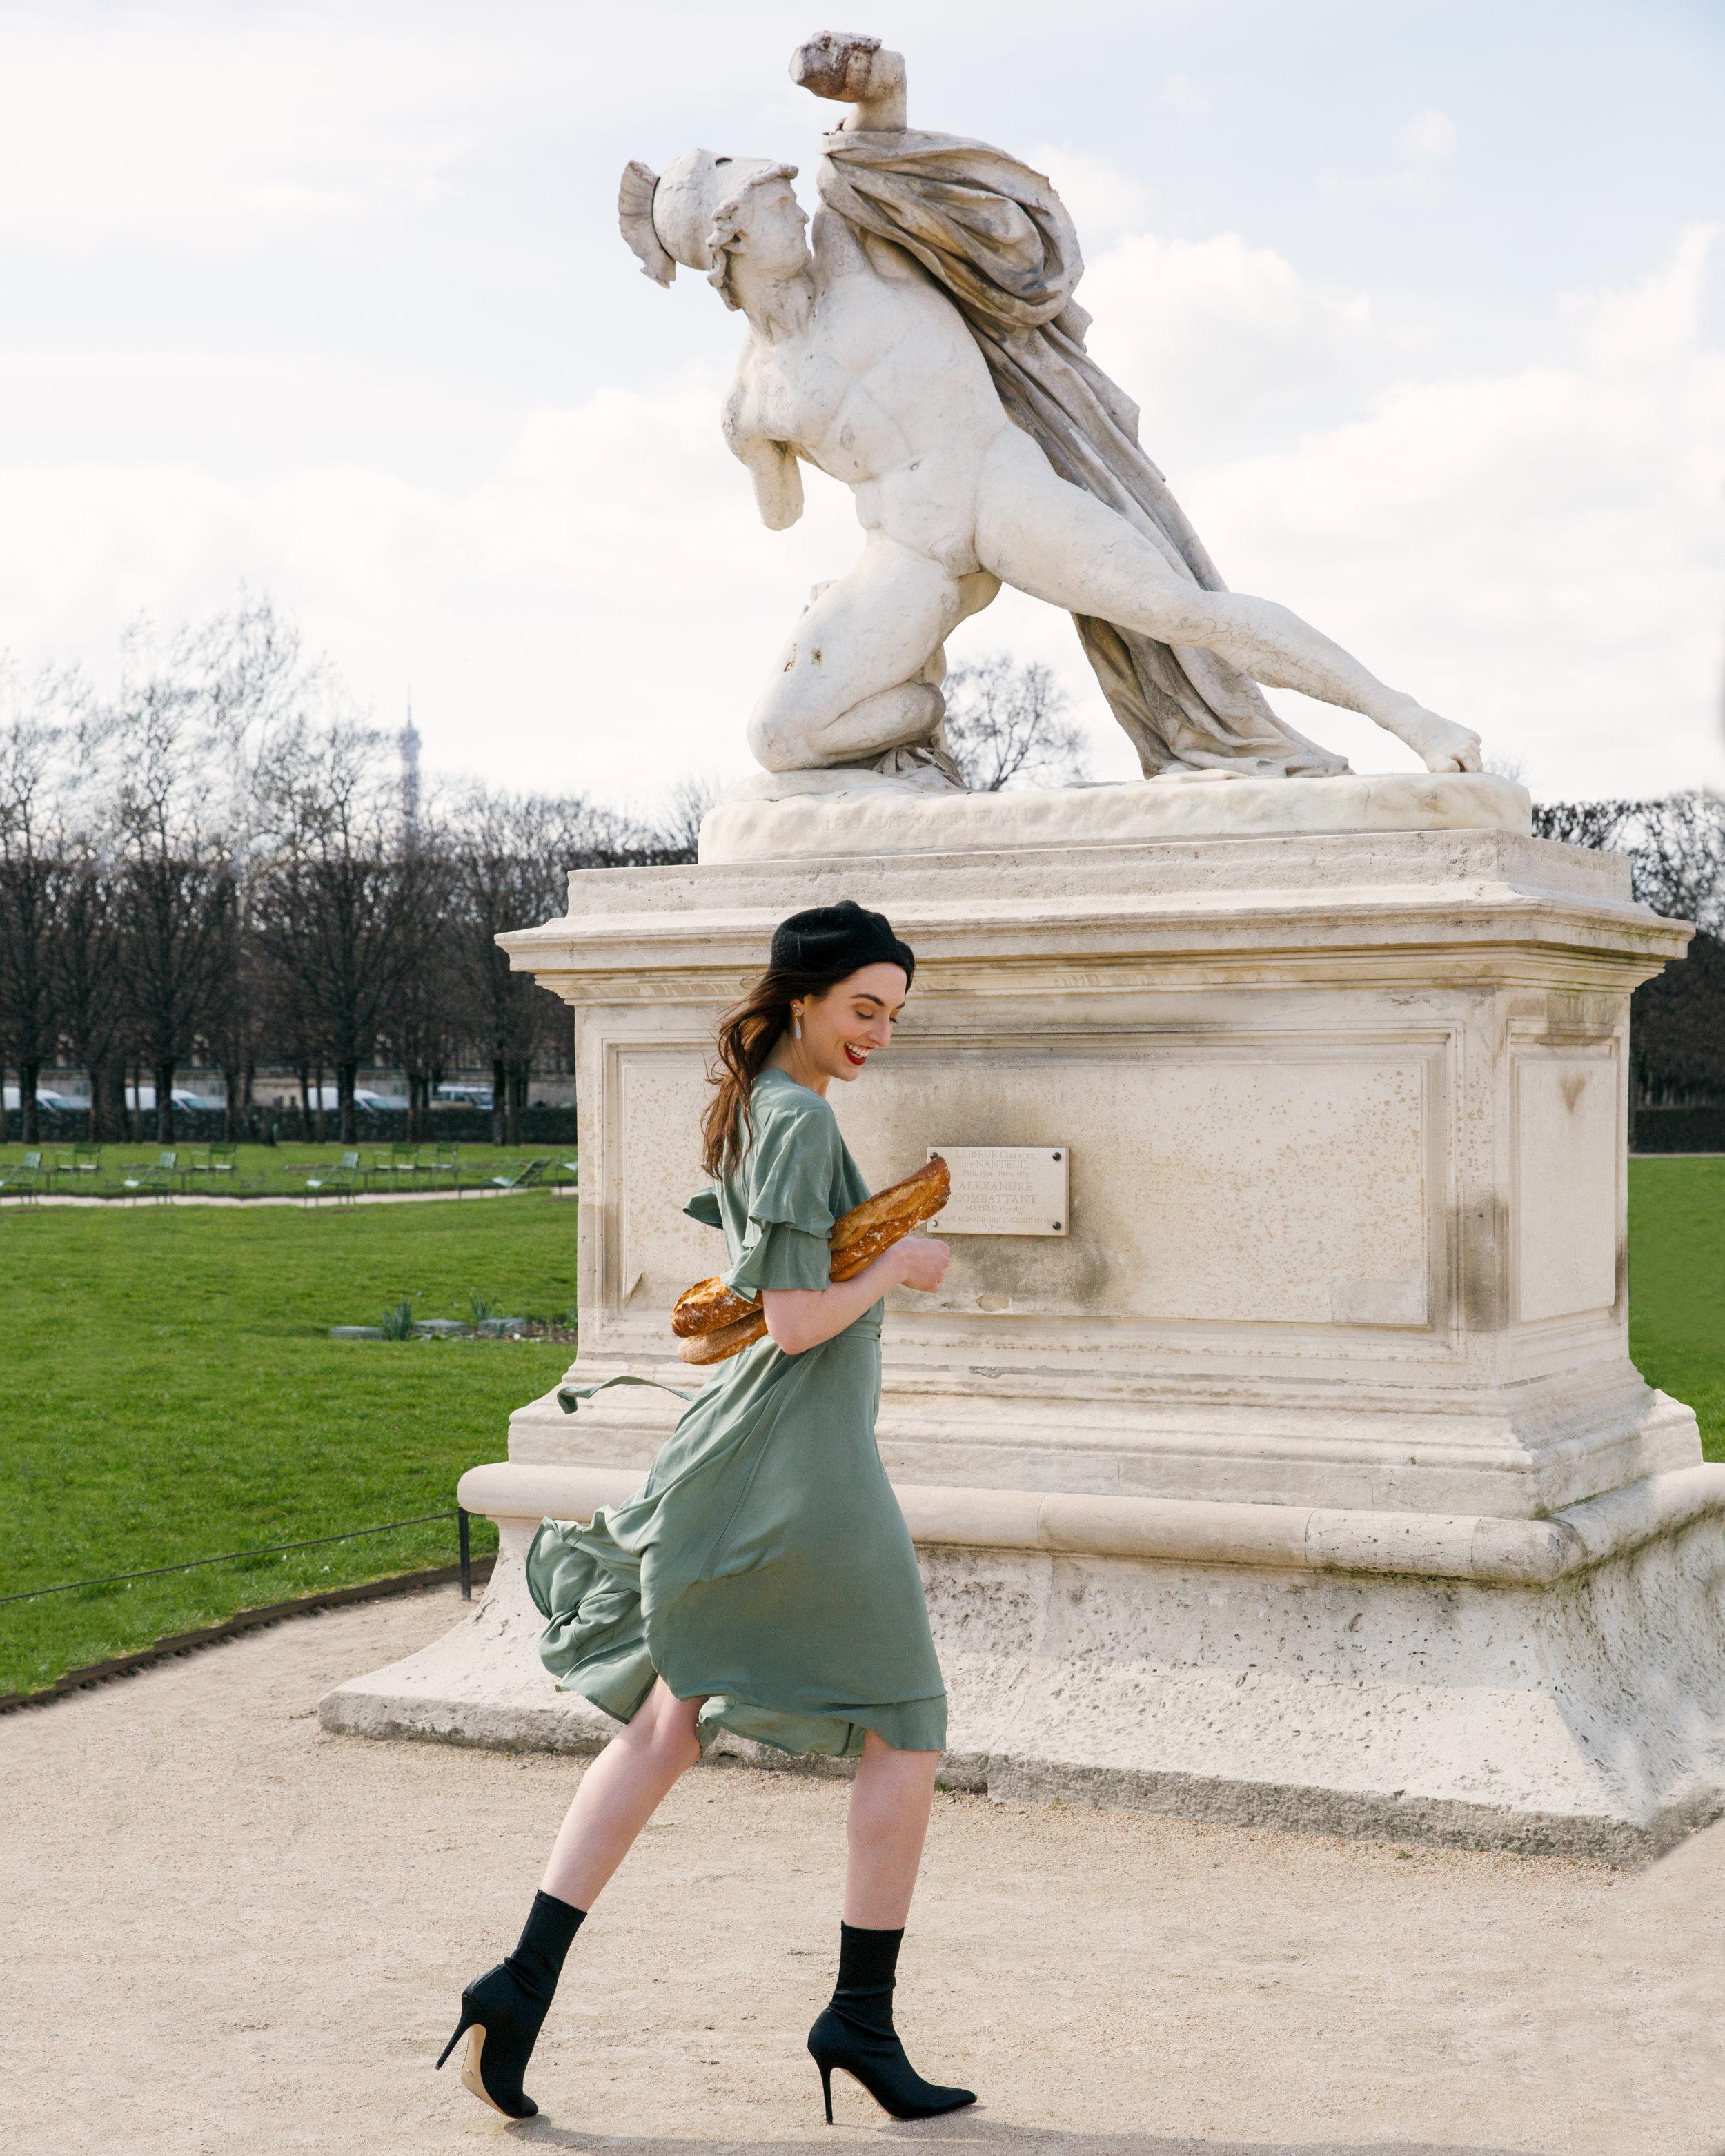 PERRU_P_KLA_PARIS_01.jpg